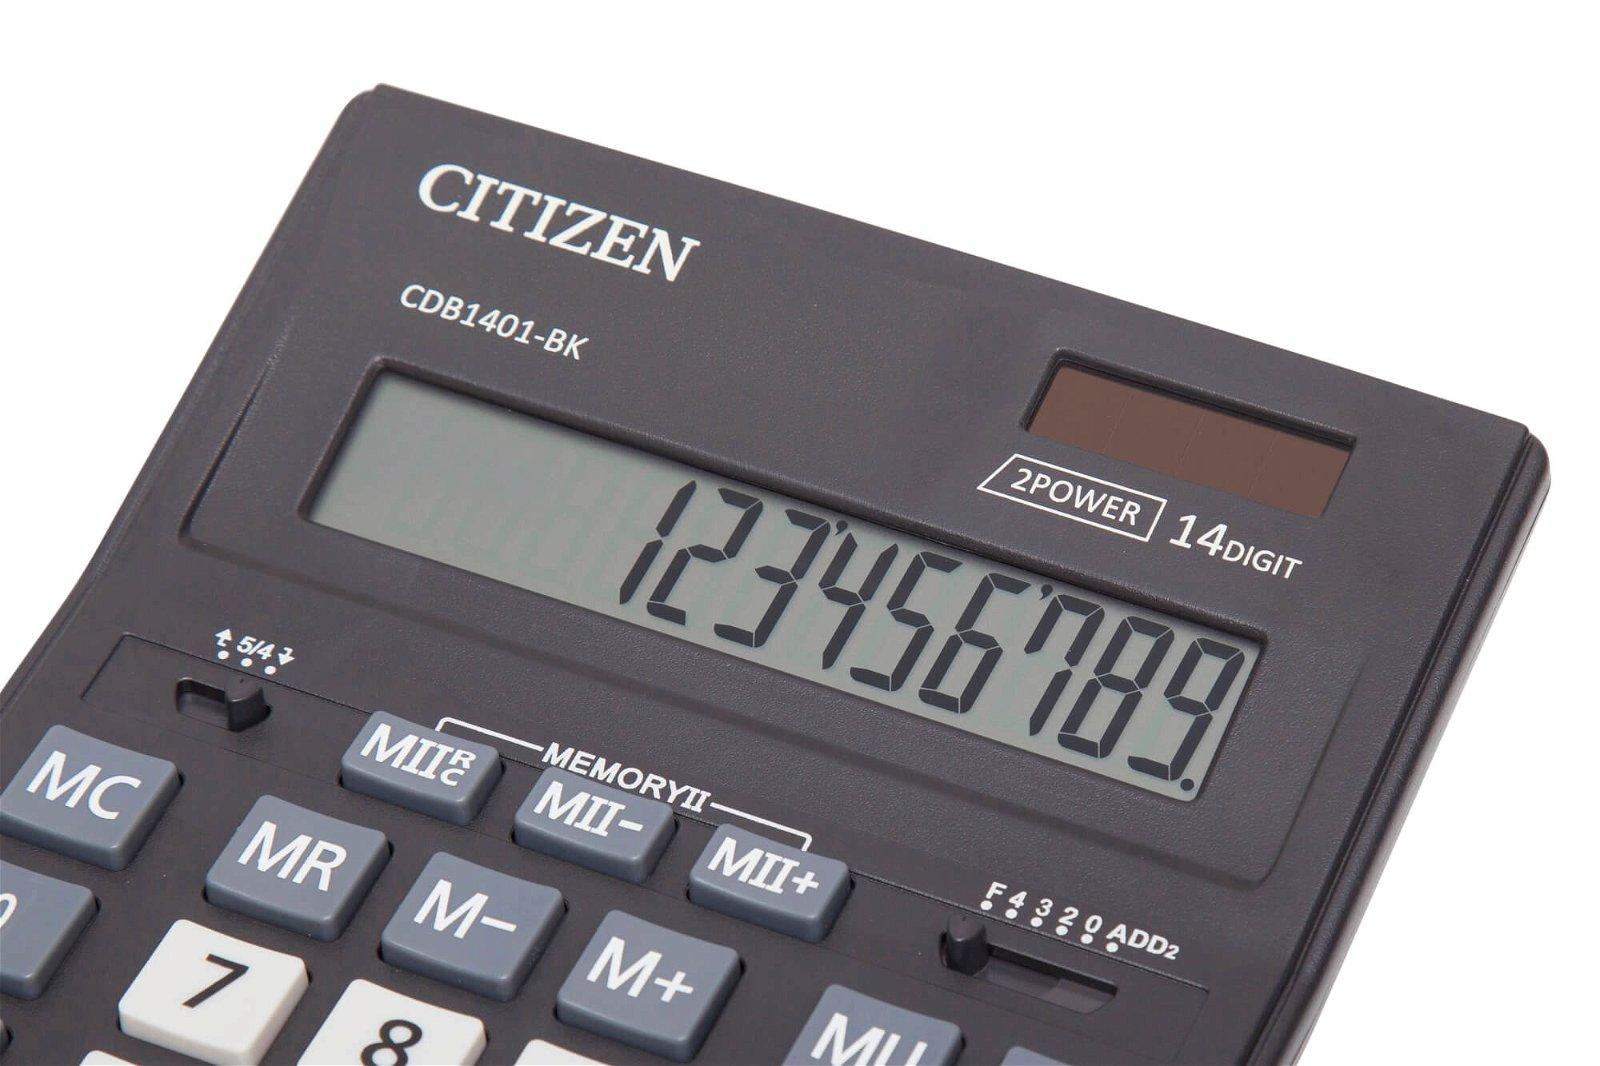 Tischrechner CDB1401-BK